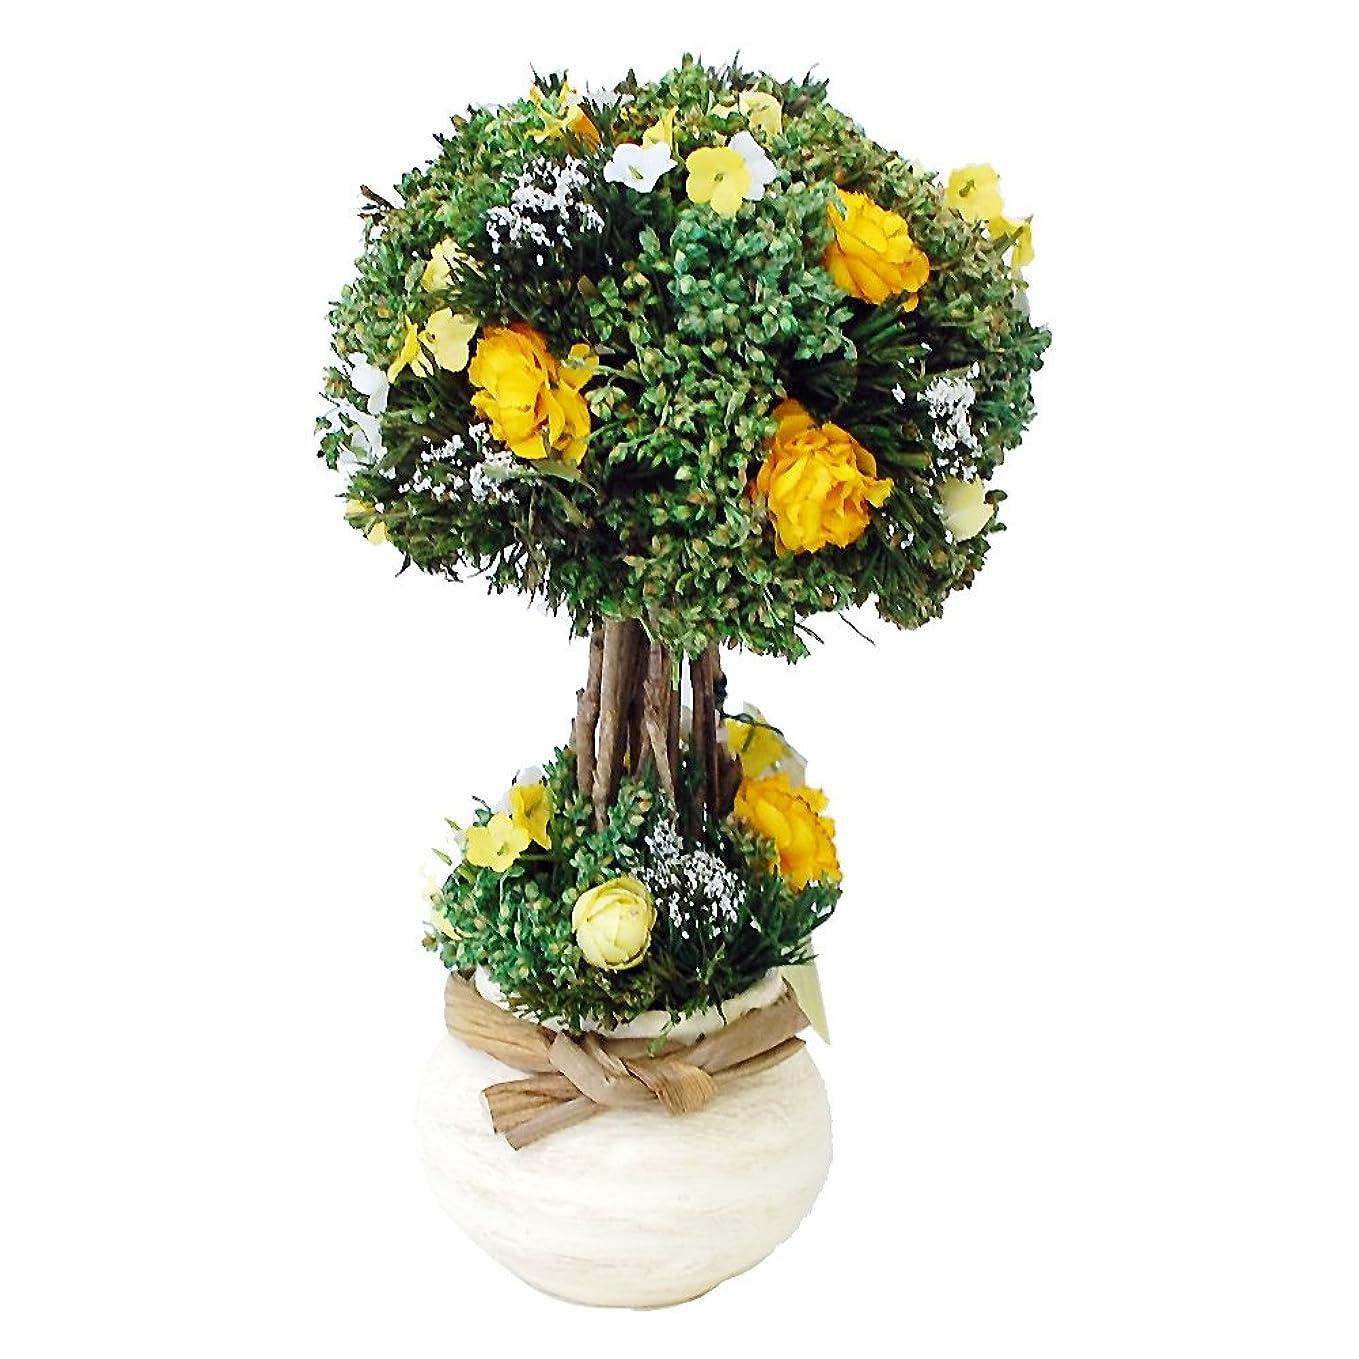 ラリーボタンソースパラボッセオリジナル ドライフラワー キャンディトピアリー 小 イエロー 横幅15cmx奥行15cmx高さ26cm dry flowers topiary